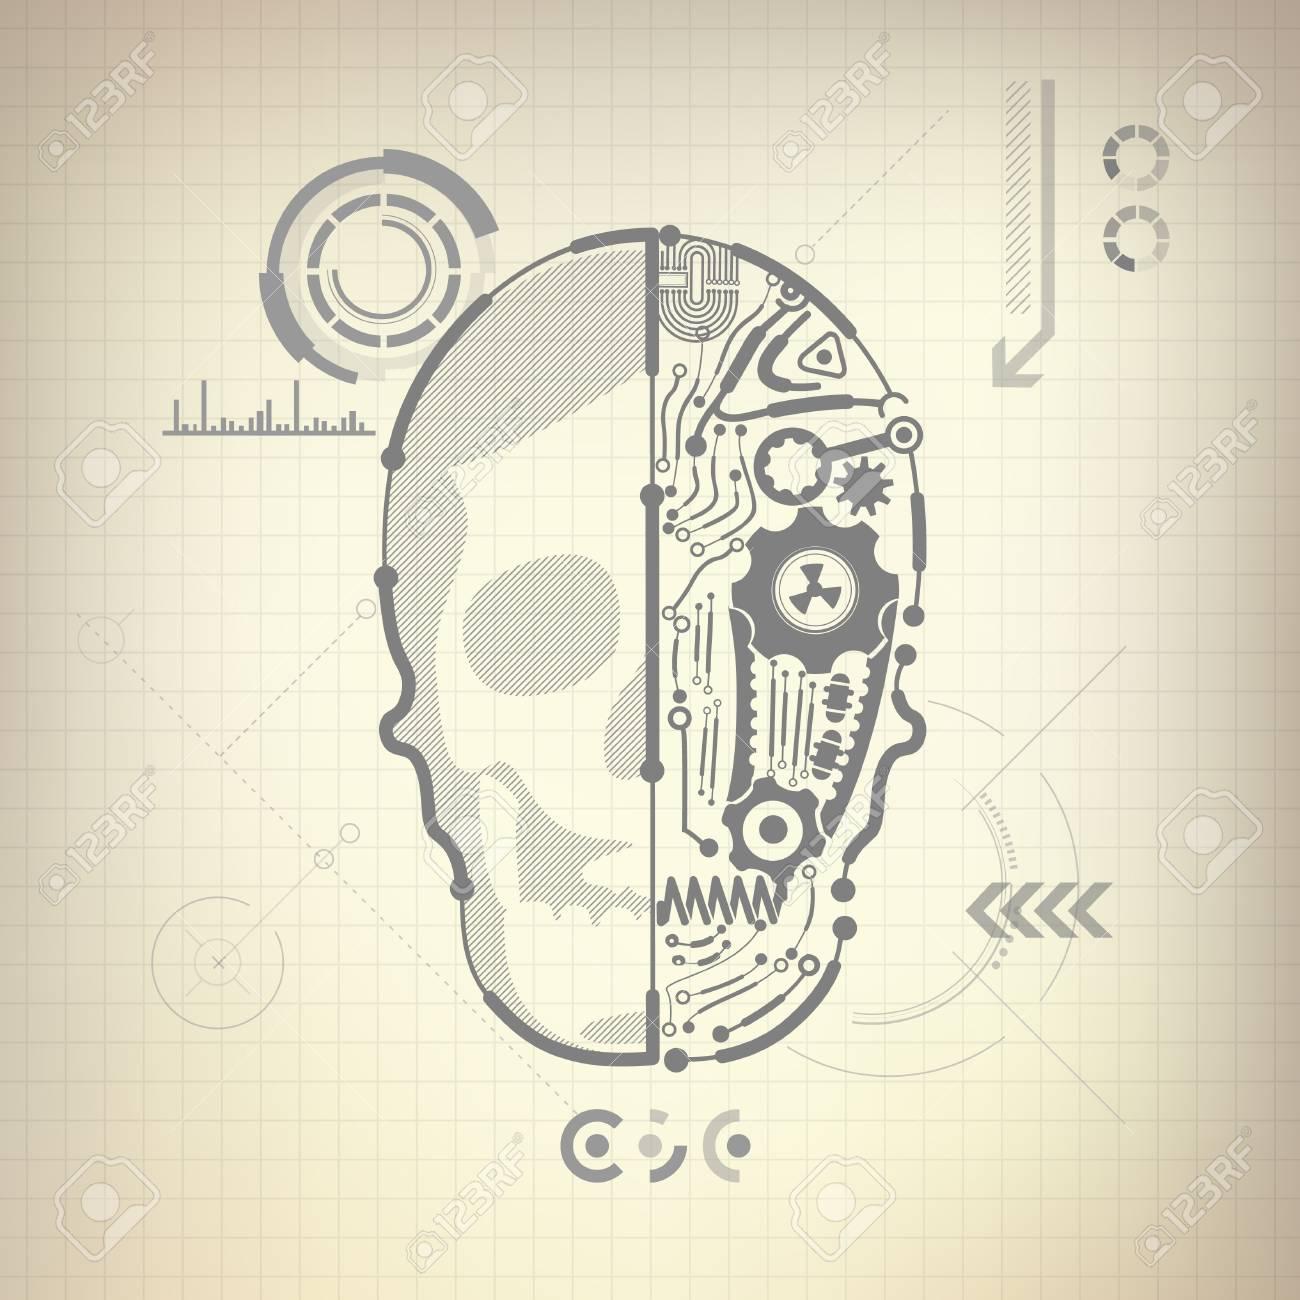 Concepto De Anteproyecto De Invención De AI, Diagrama De Cerebro Y ...